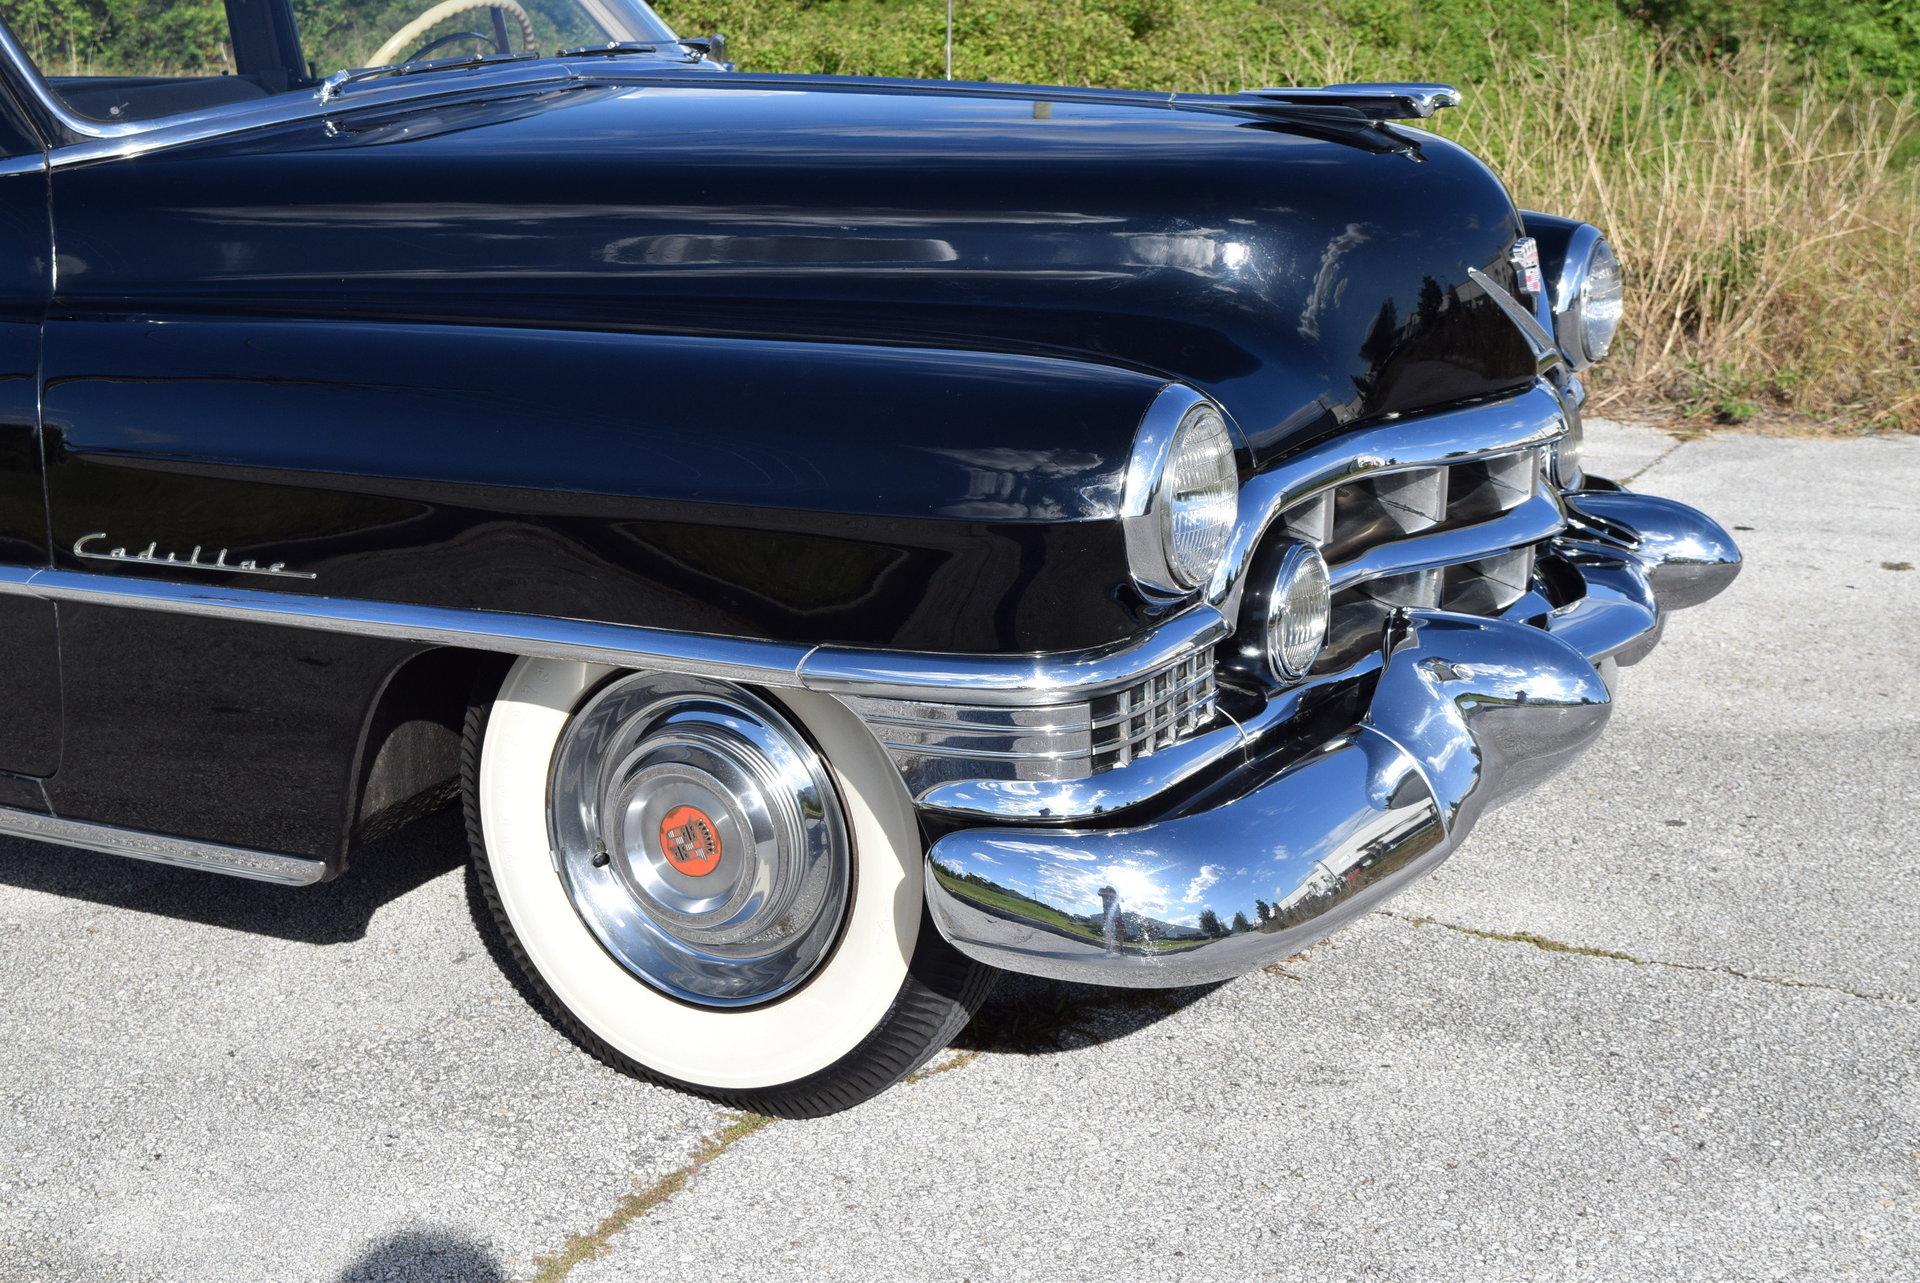 1951 Cadillac Fleetwood 75 Limousine Berlin Motors Paint Colors For Sale